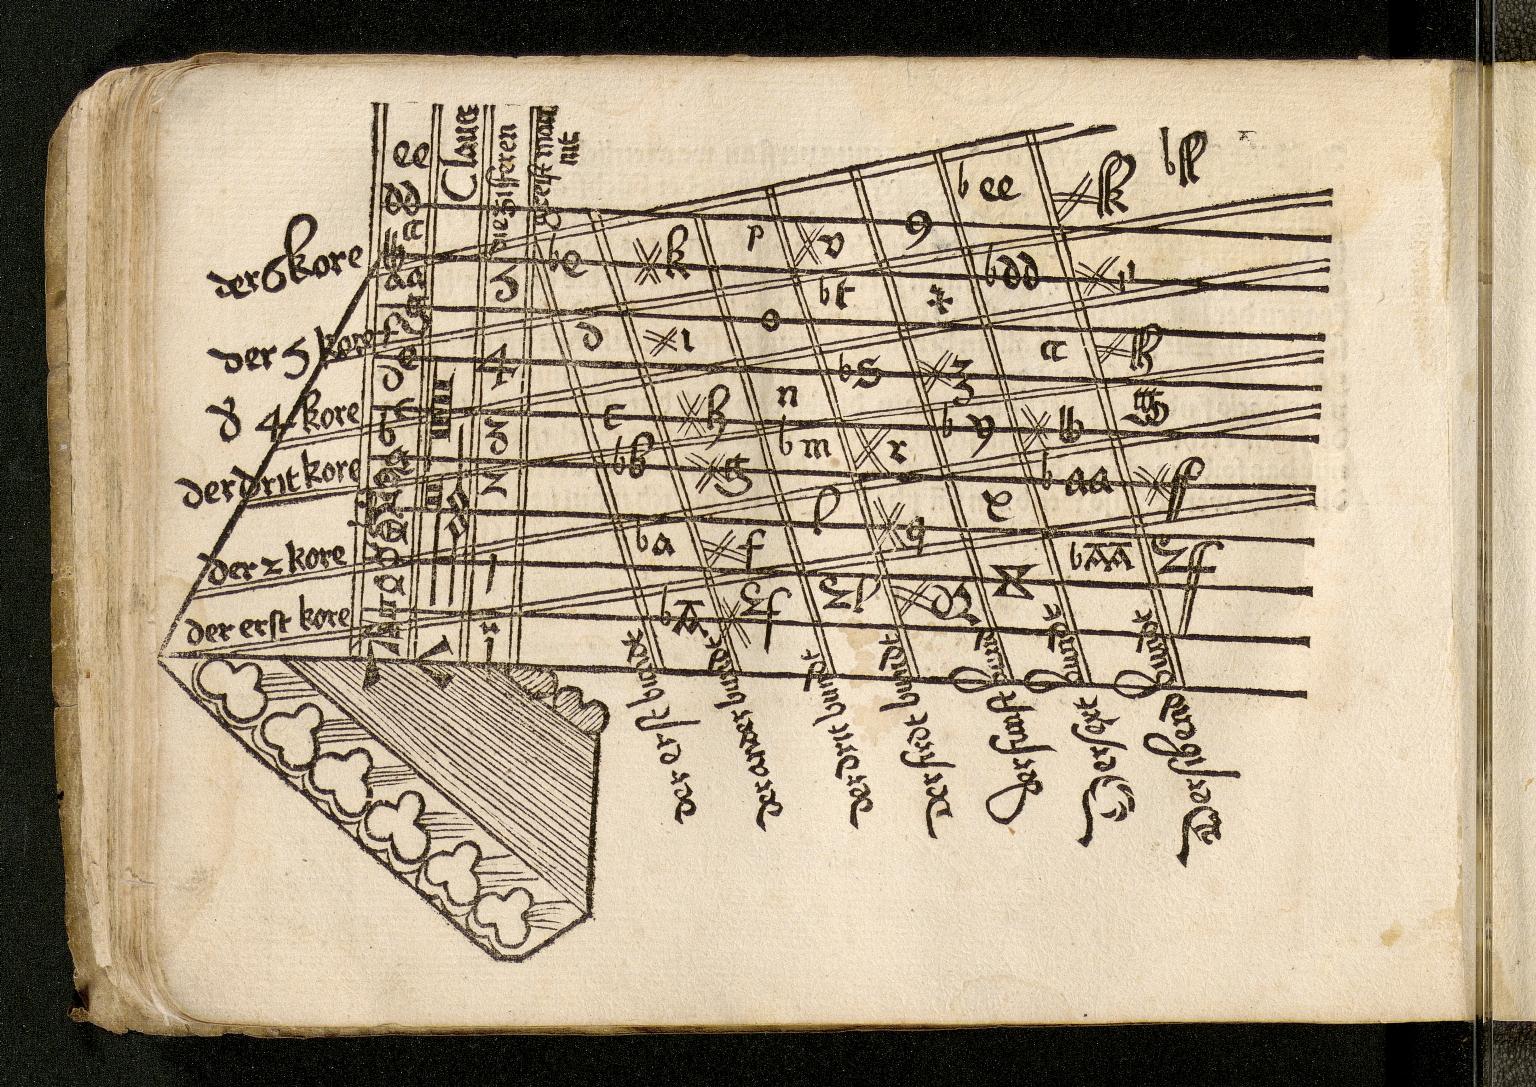 Musica Getutscht, p. 90